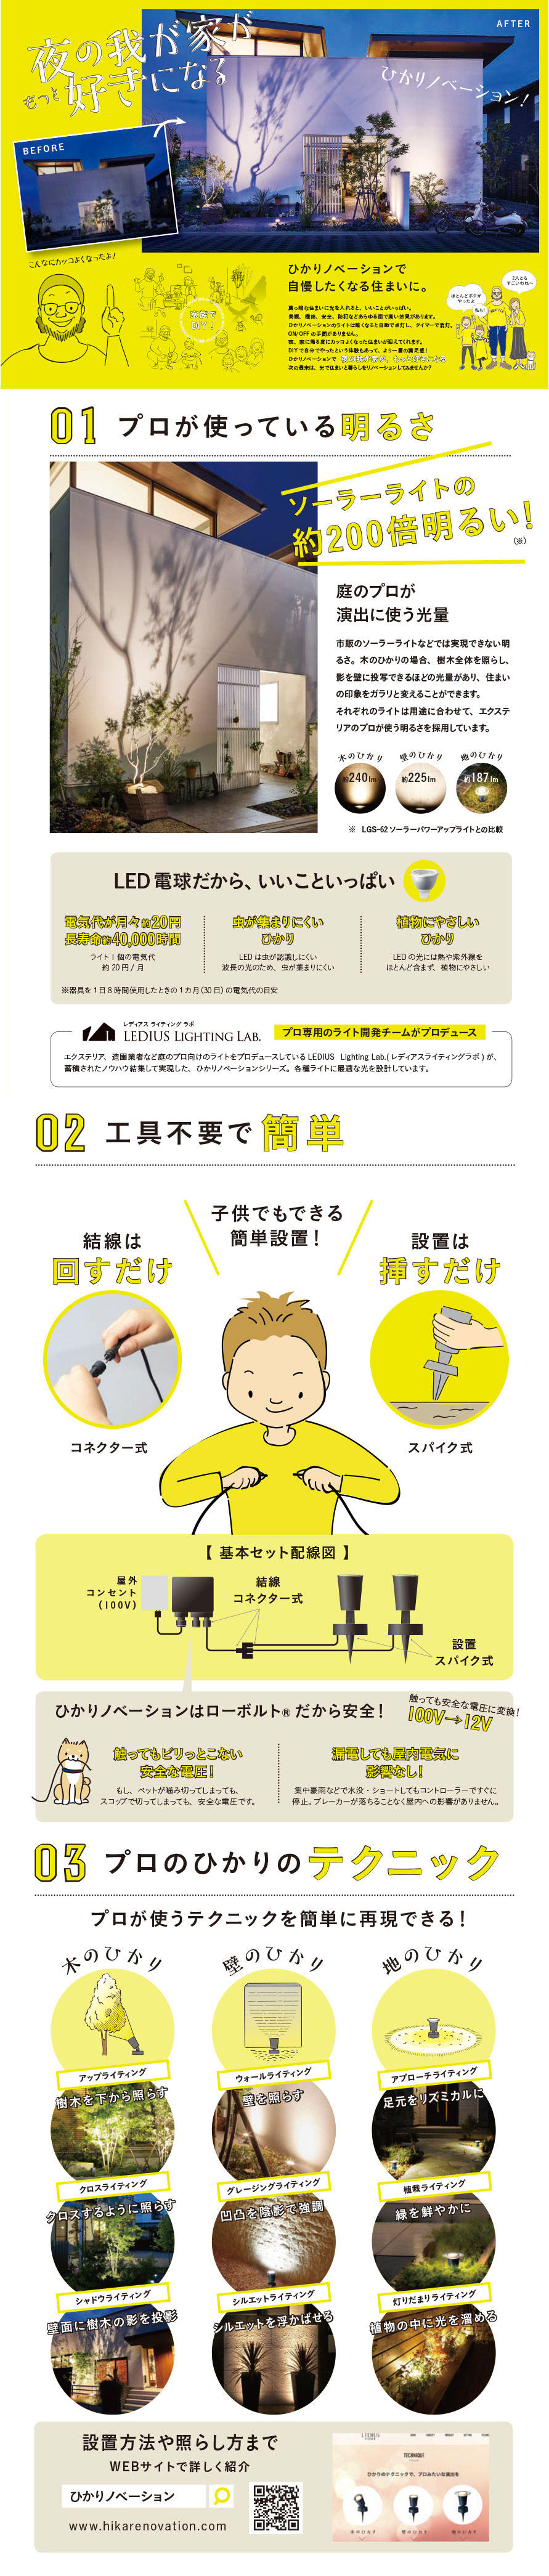 hikari101_890.jpg